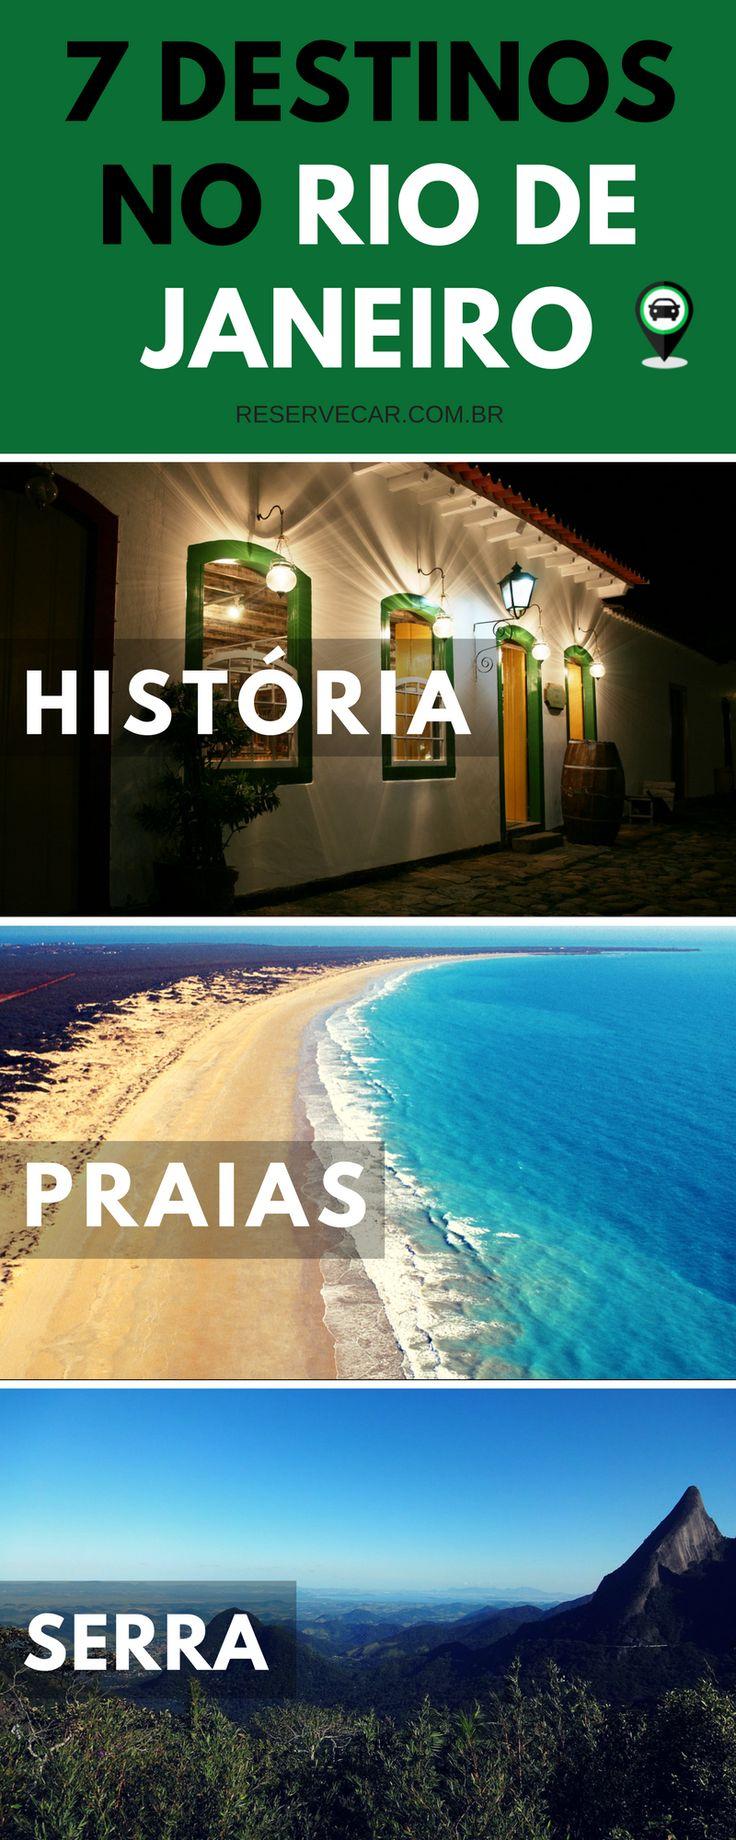 Melhores destinos no Rio de Janeiro para você viajar. Destinos para bate e volta, final de semana, feriado e até férias, saindo de São Paulo ou Rio de Janeiro.